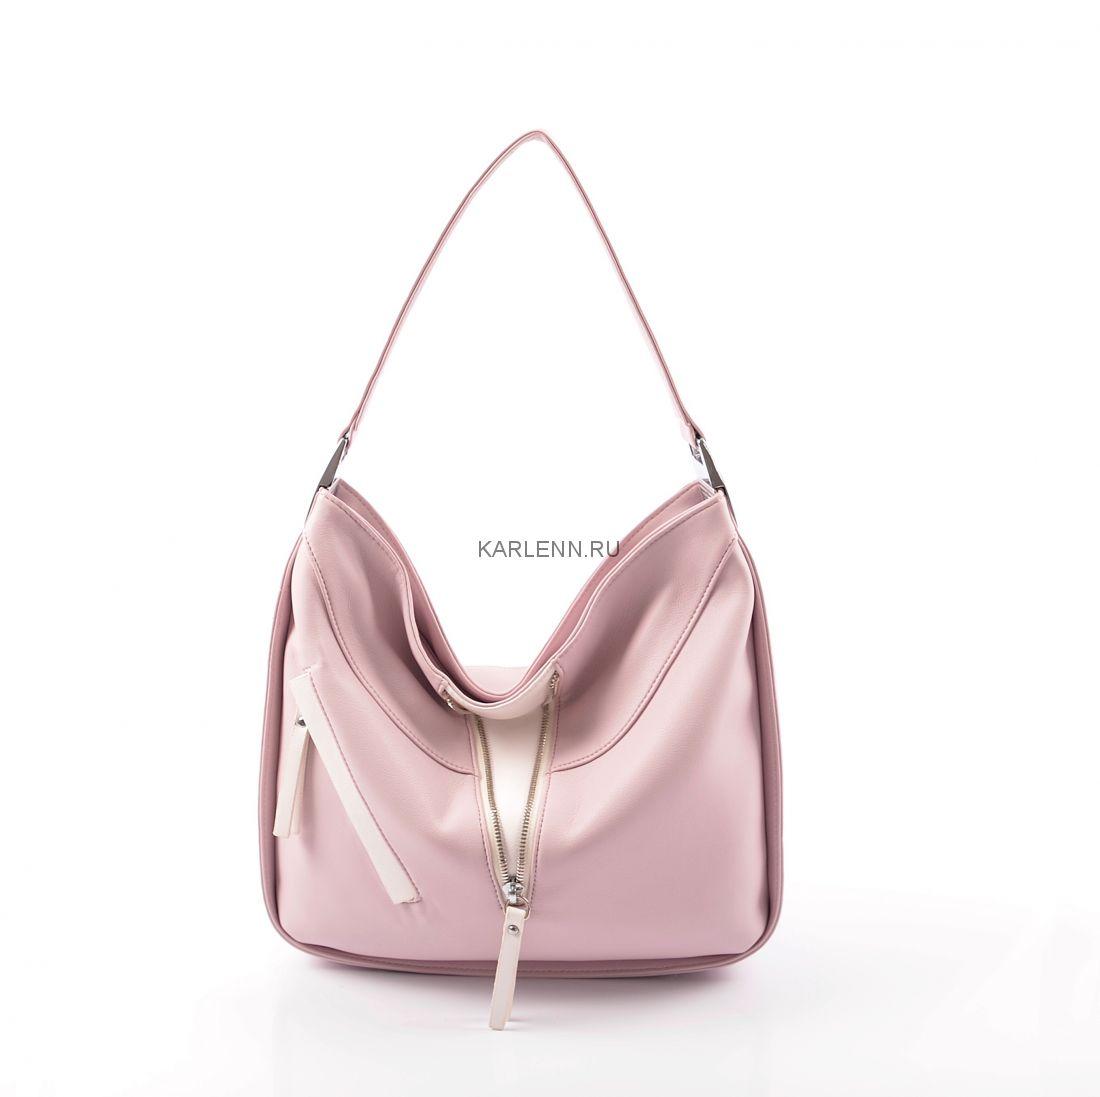 Мягкая женская сумка KARLENN (розовая сирень)